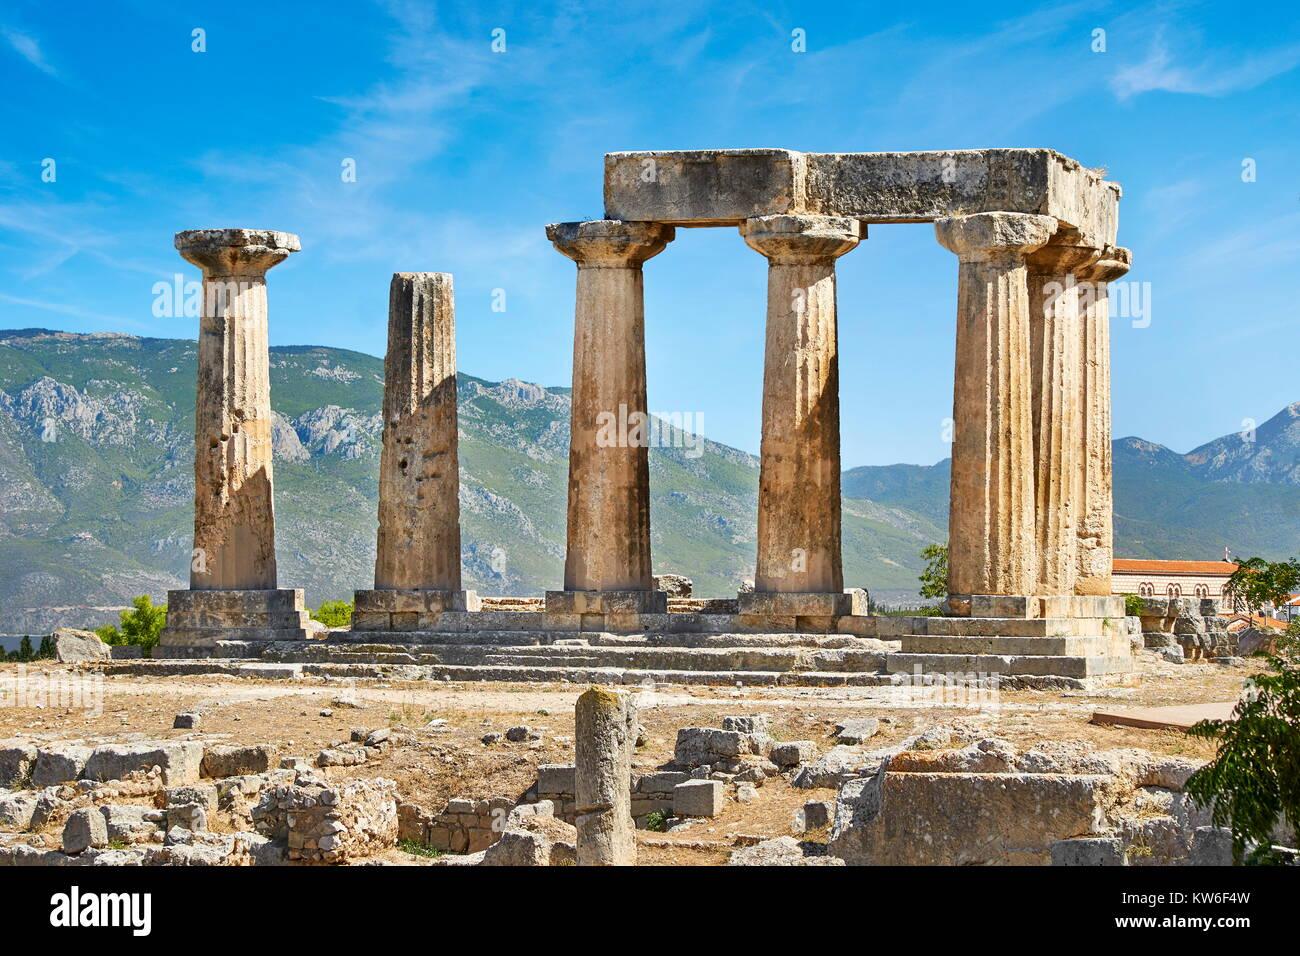 Der Tempel des Apollo, das antike Korinth, Griechenland Stockbild